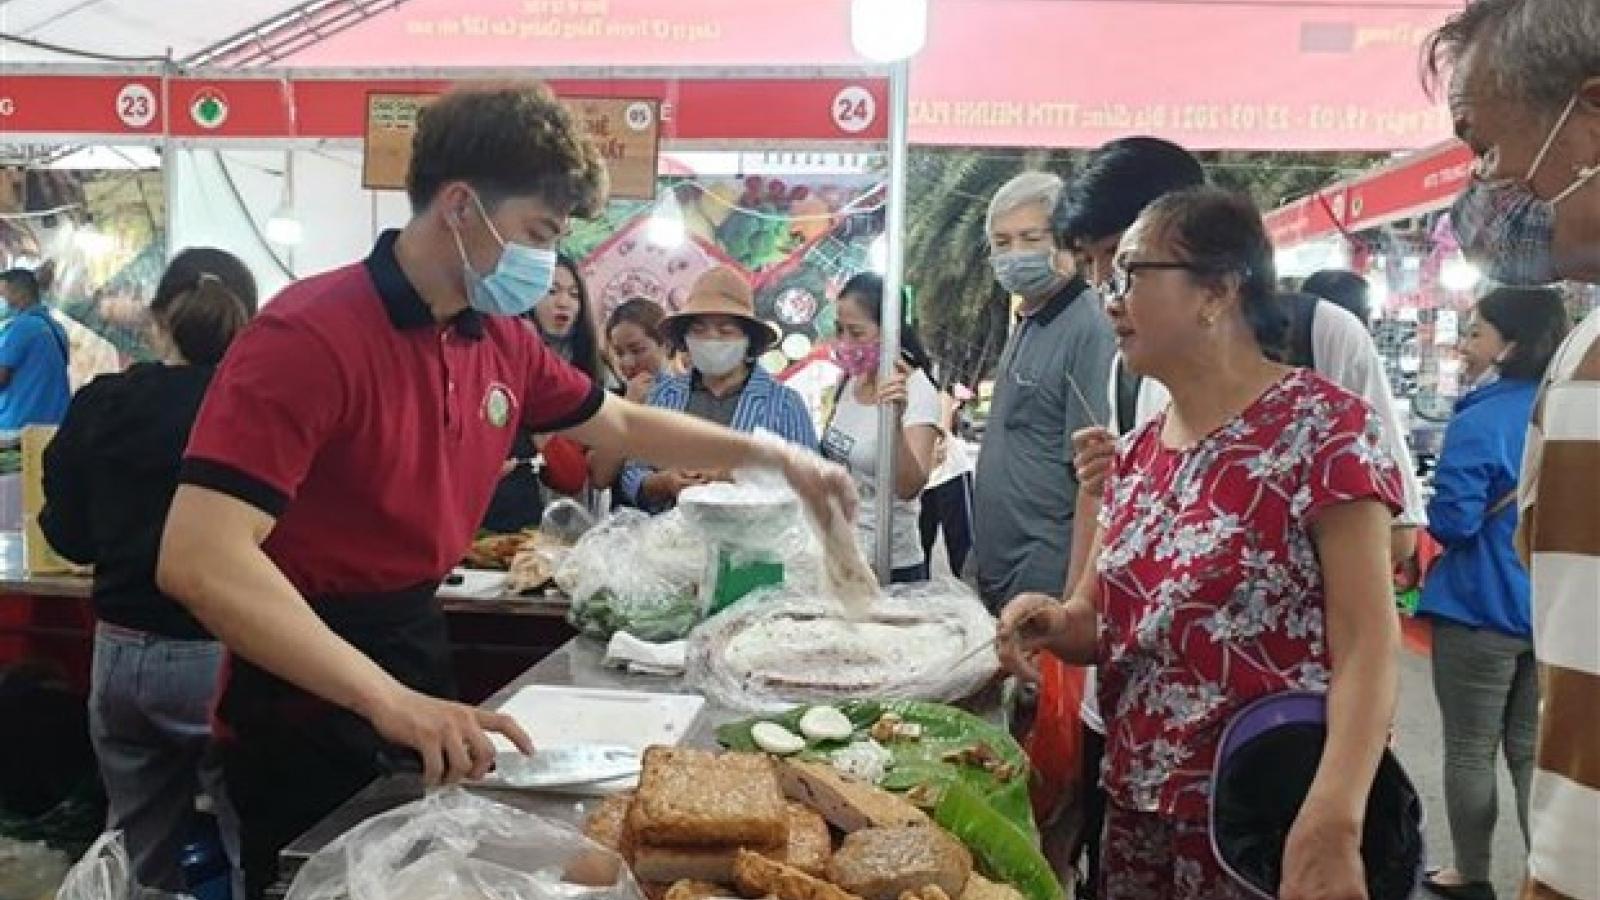 Vietnamese goods week in Hanoi features over 100 stalls